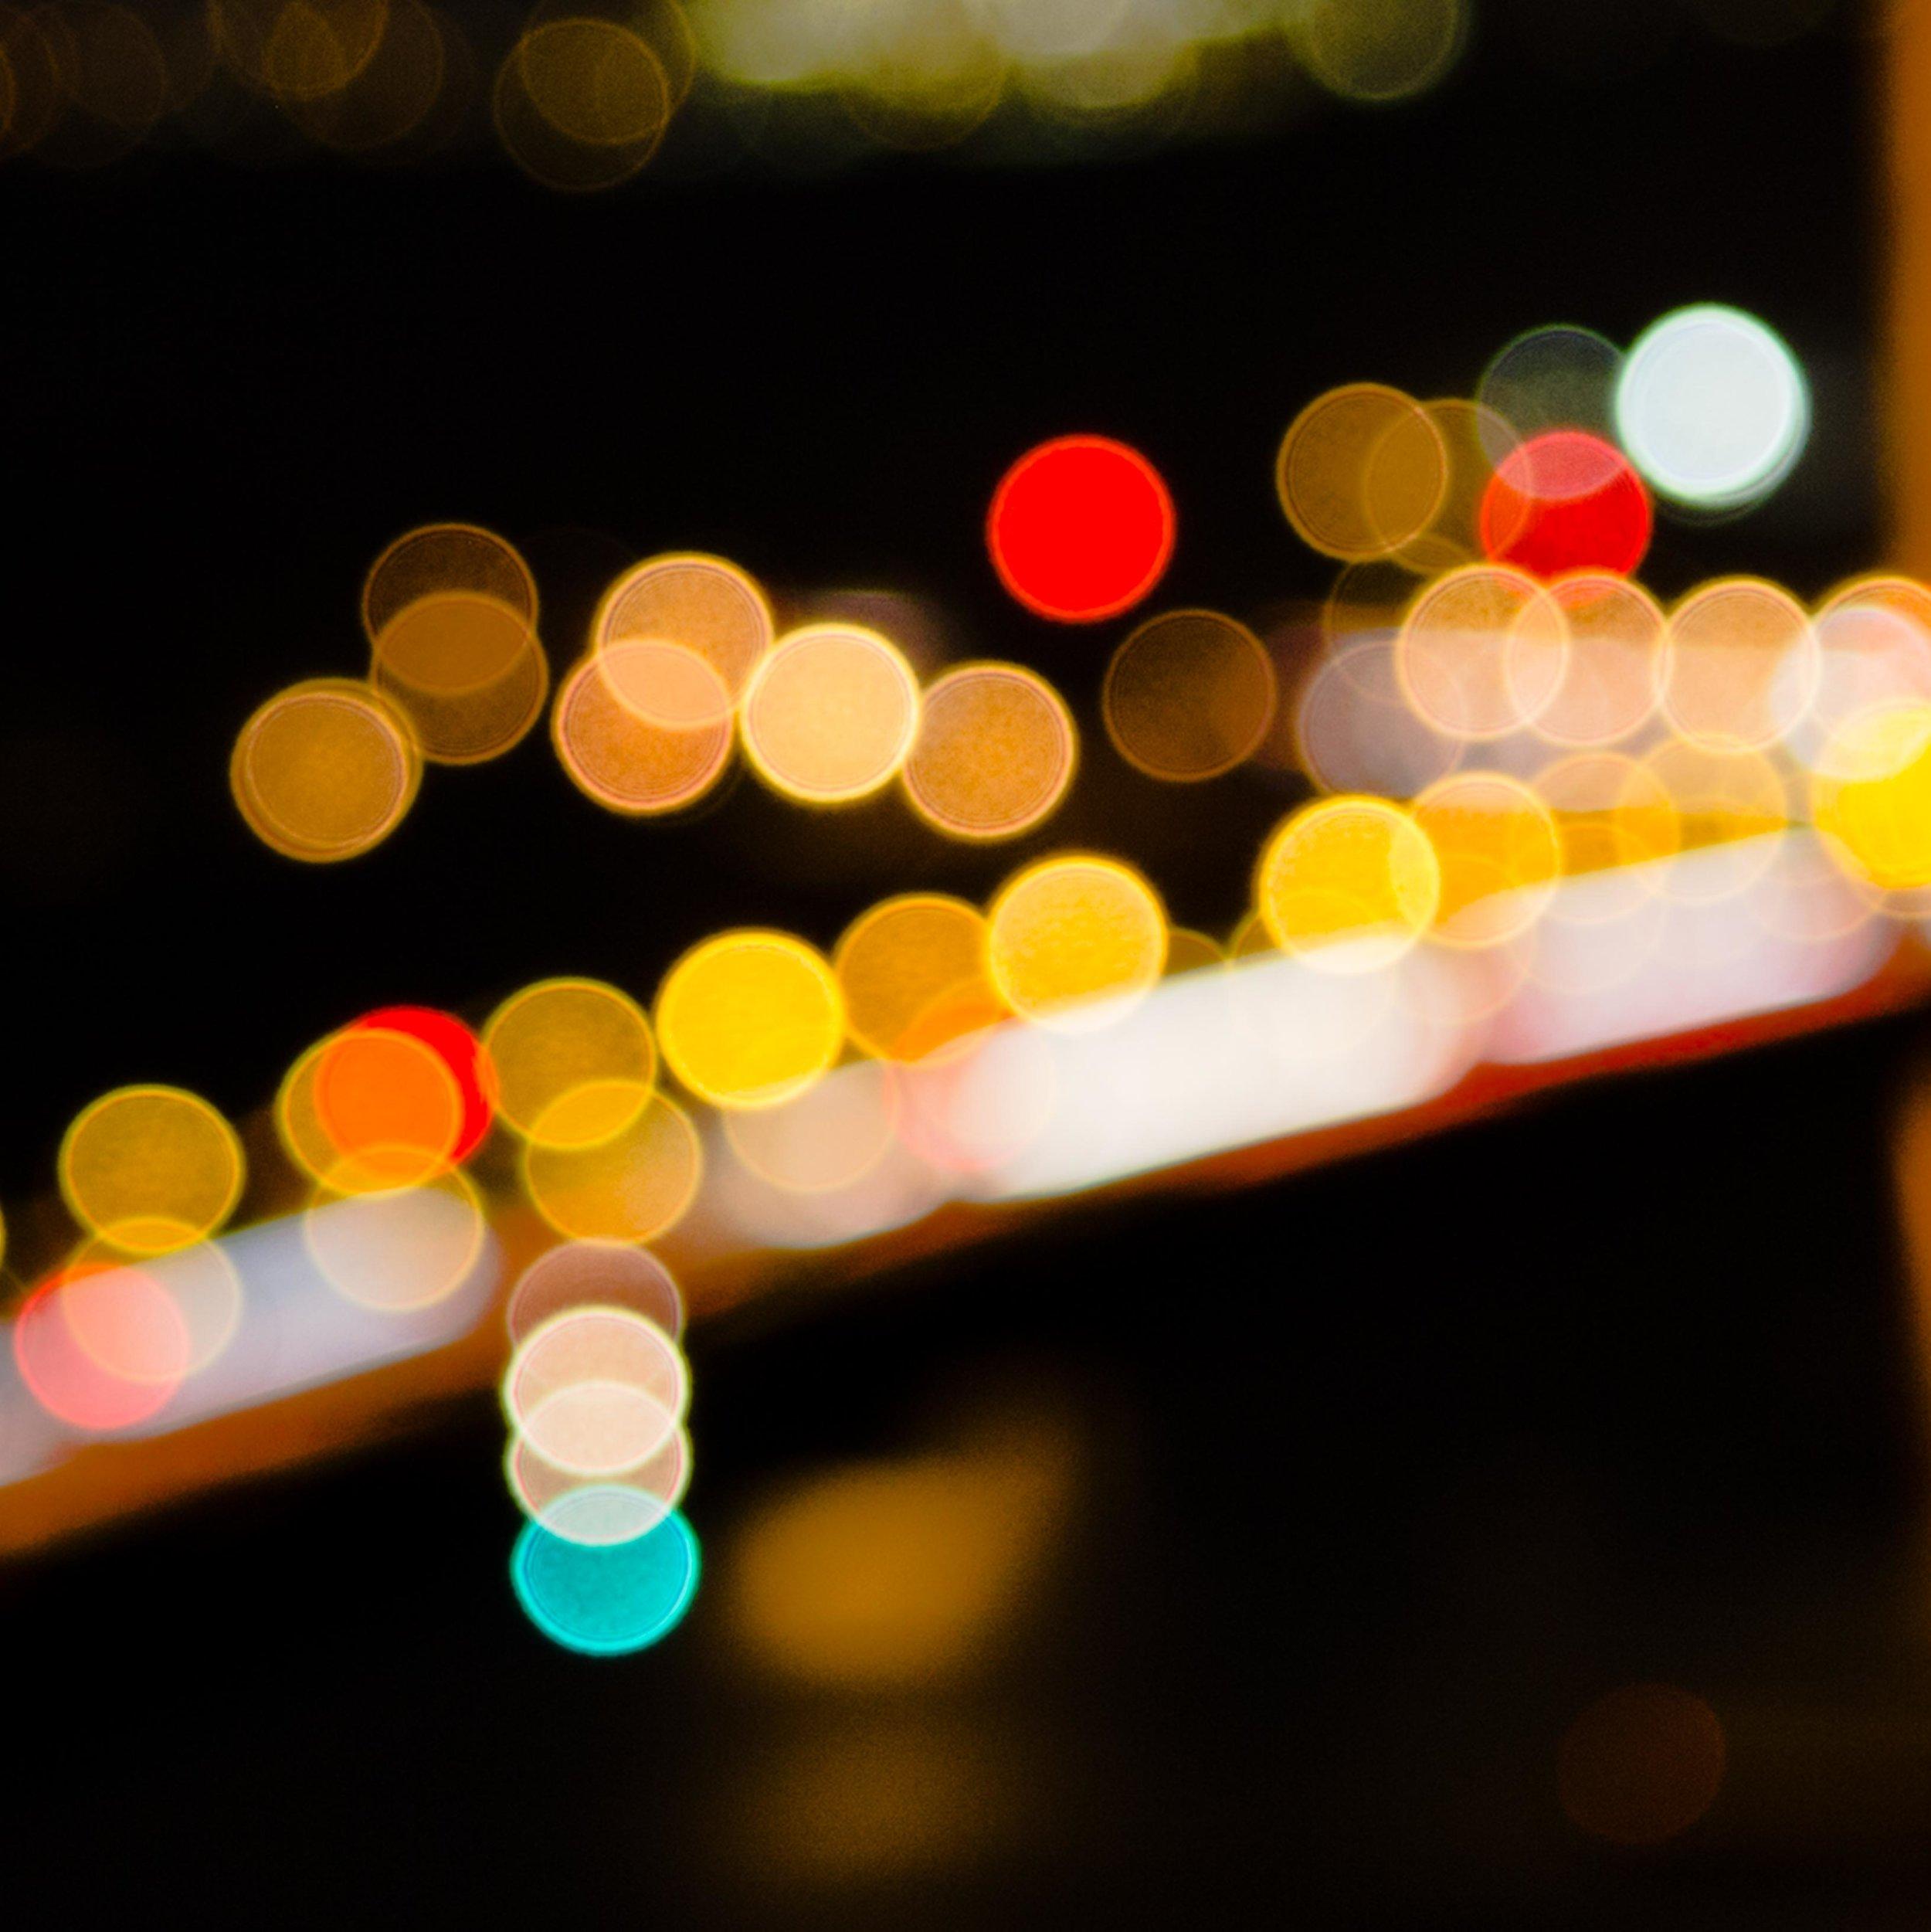 bonavida-sqr-GoldenGateLights-Detail1.jpg